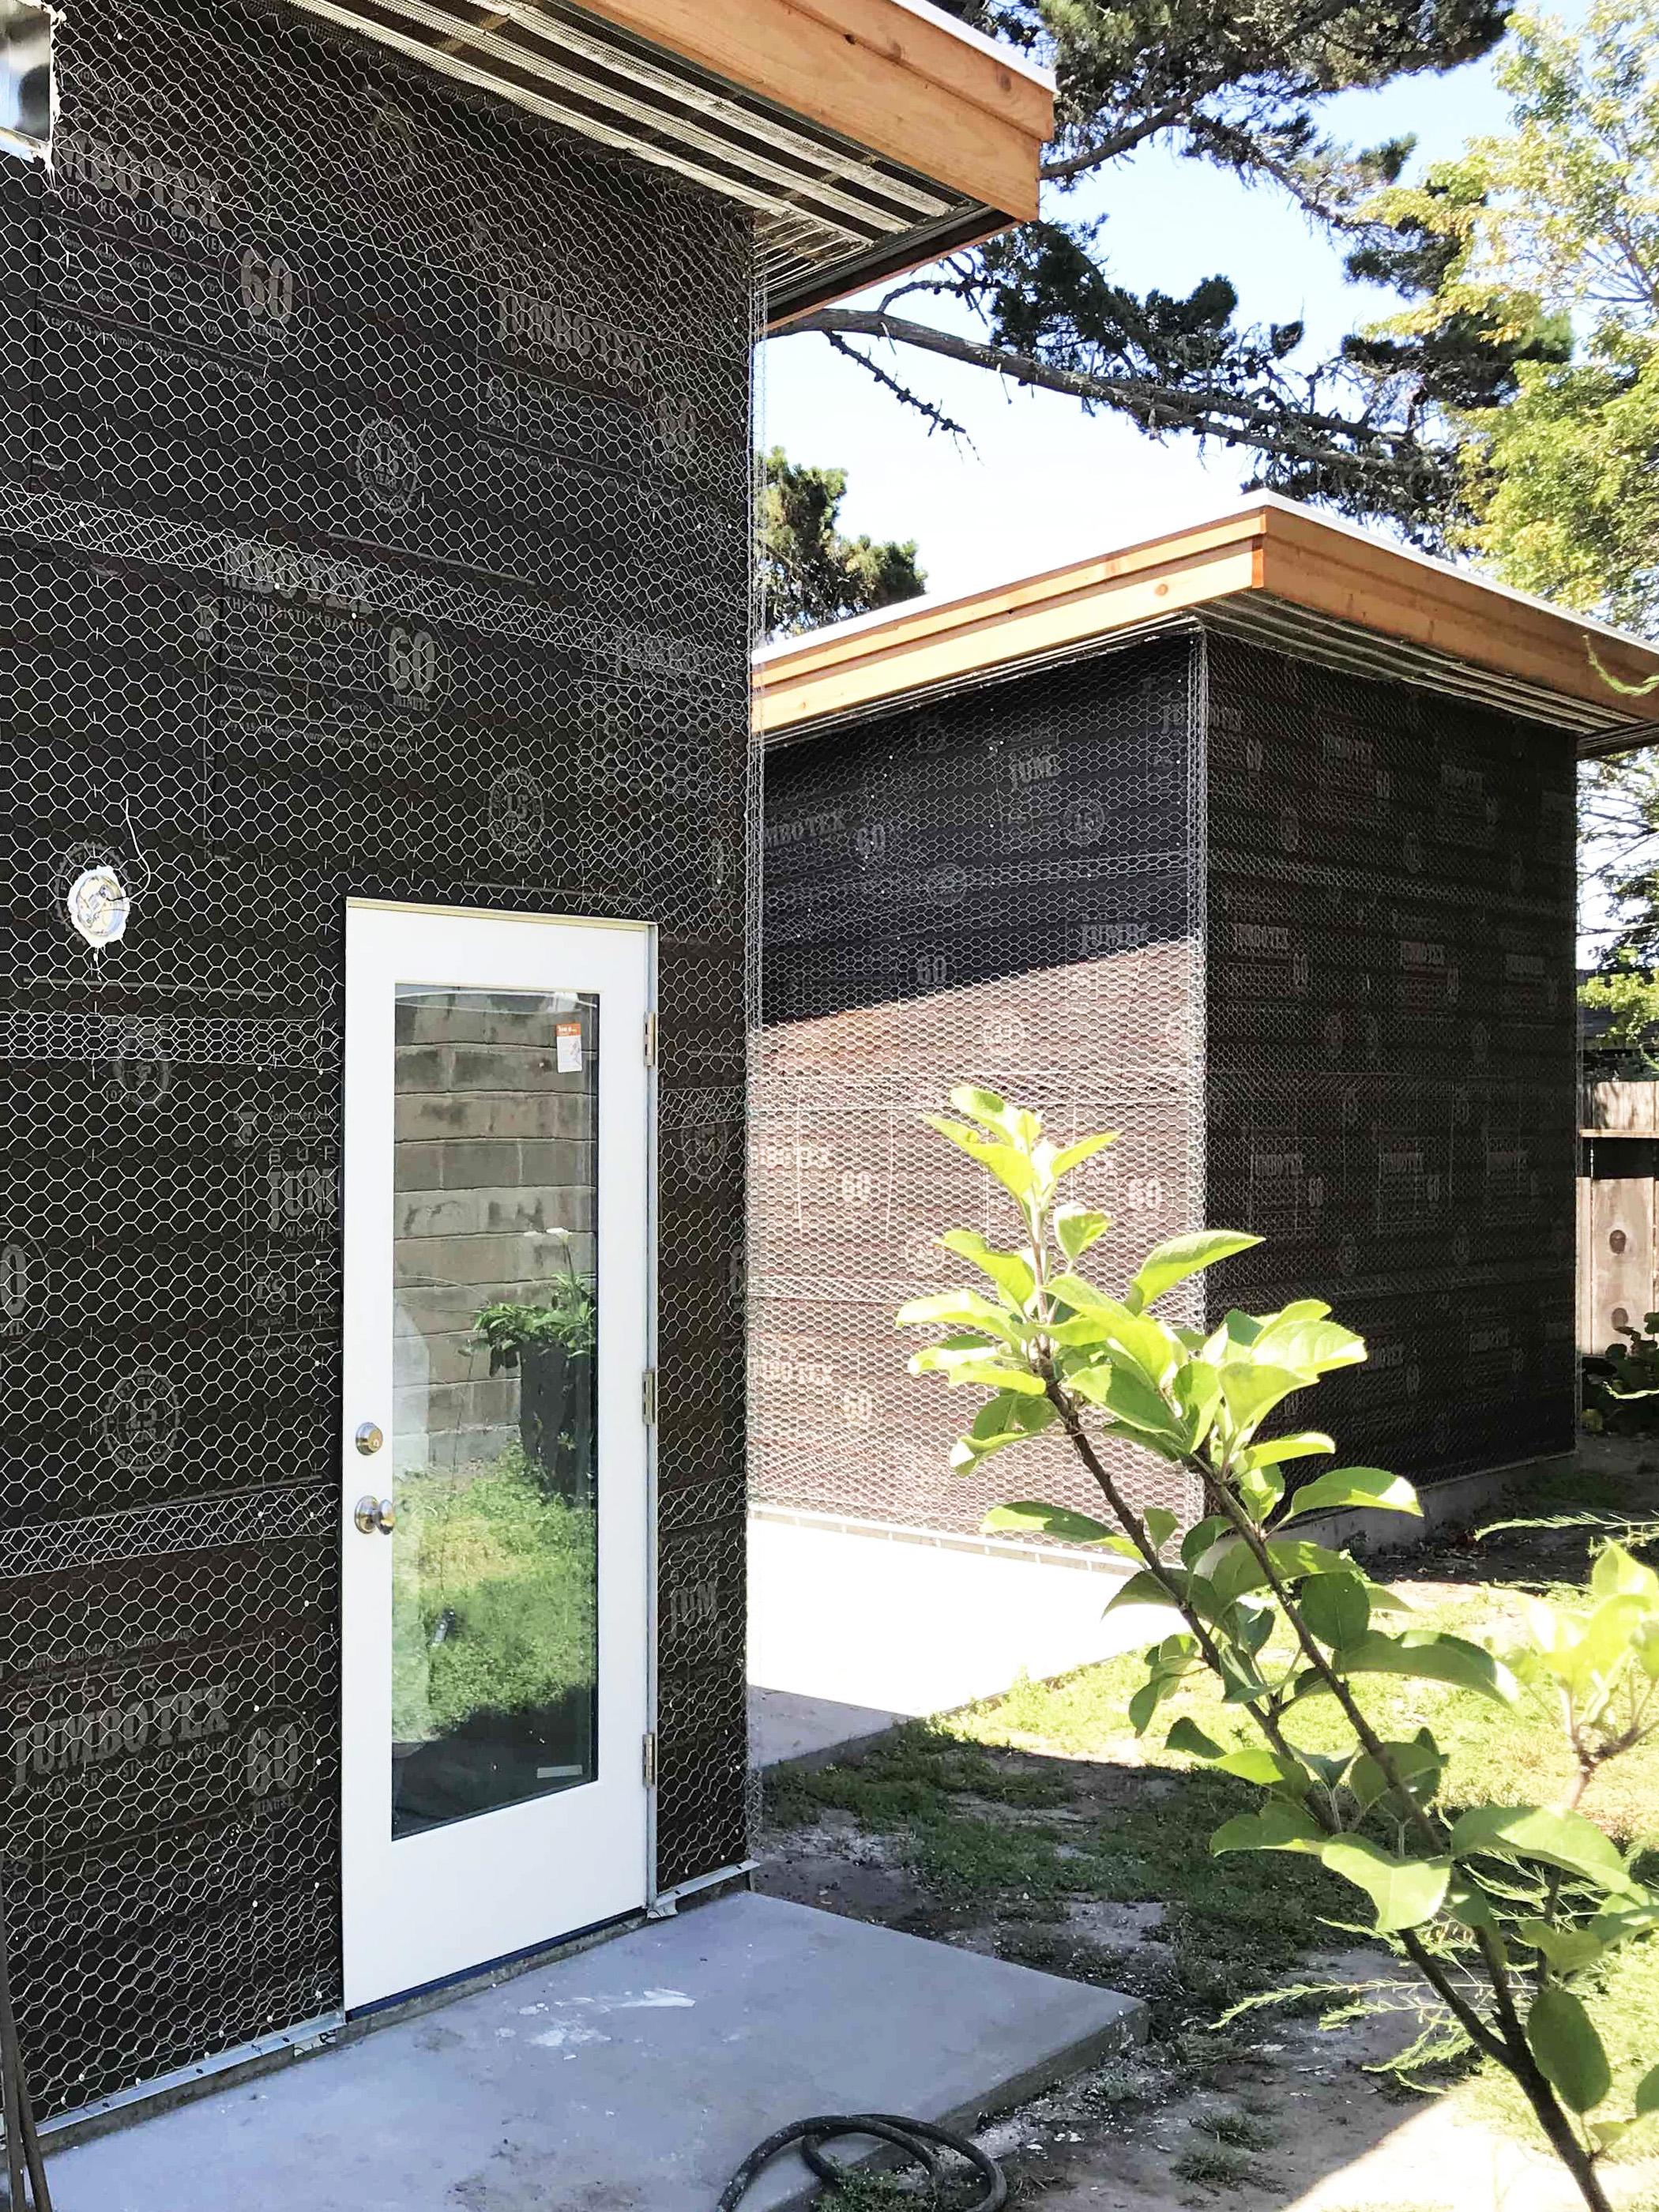 accessory-dwelling-unit-adu-santa-cruz-under-construction-v.jpg